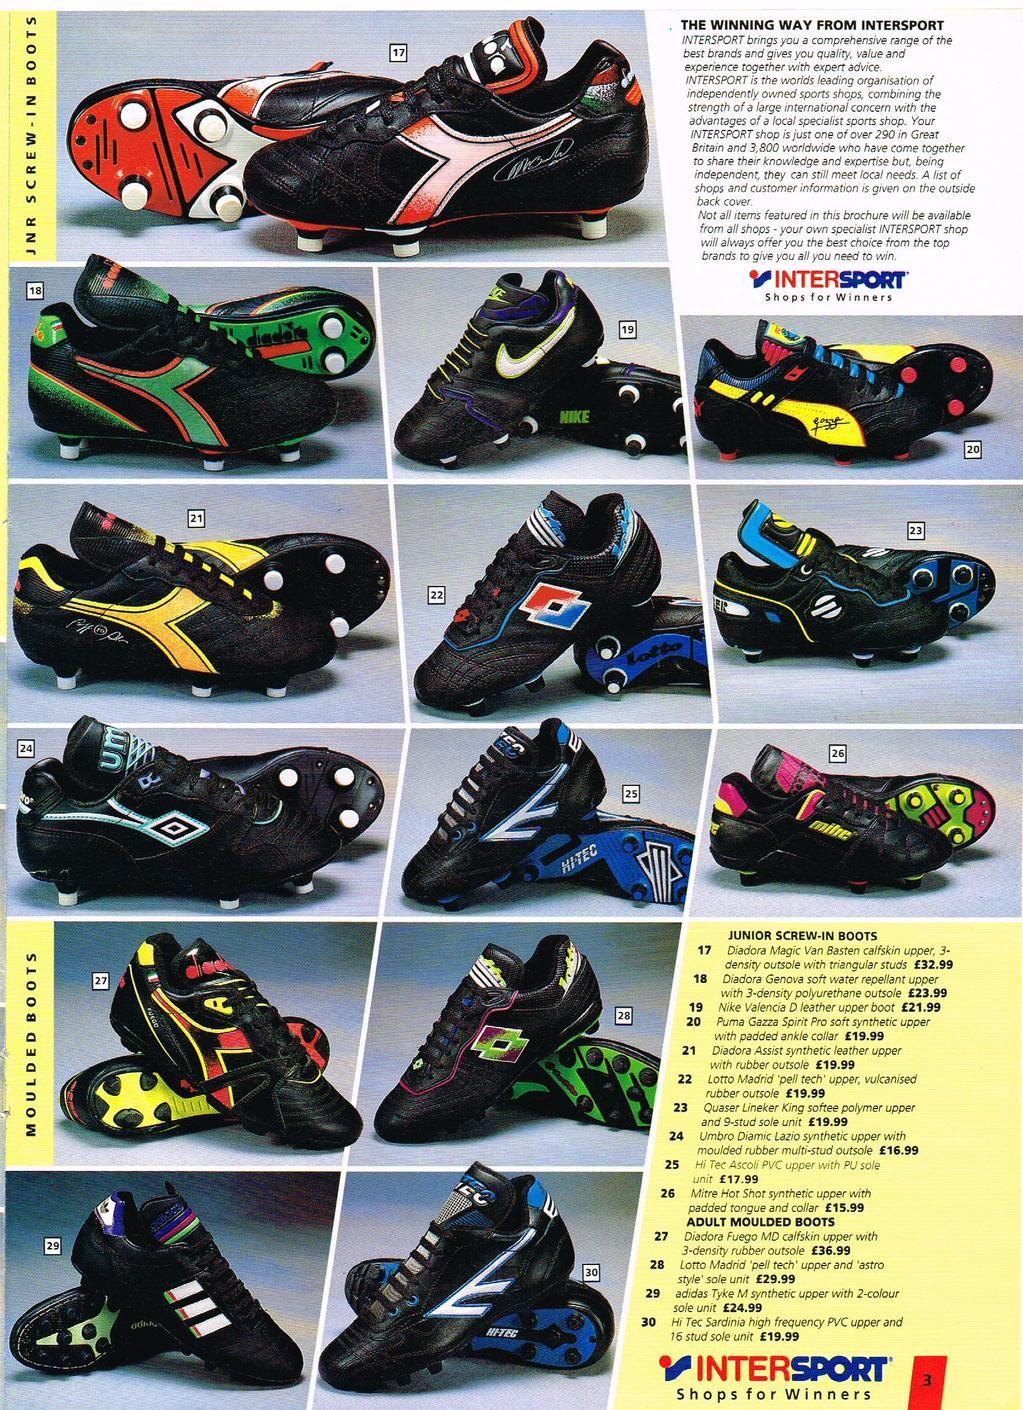 604553e5a64  Intersport Football boots  Umbro  Puma  Lotto  Quaser  Mitre  Diadora   HiTec  Shoot! 1991-08-19